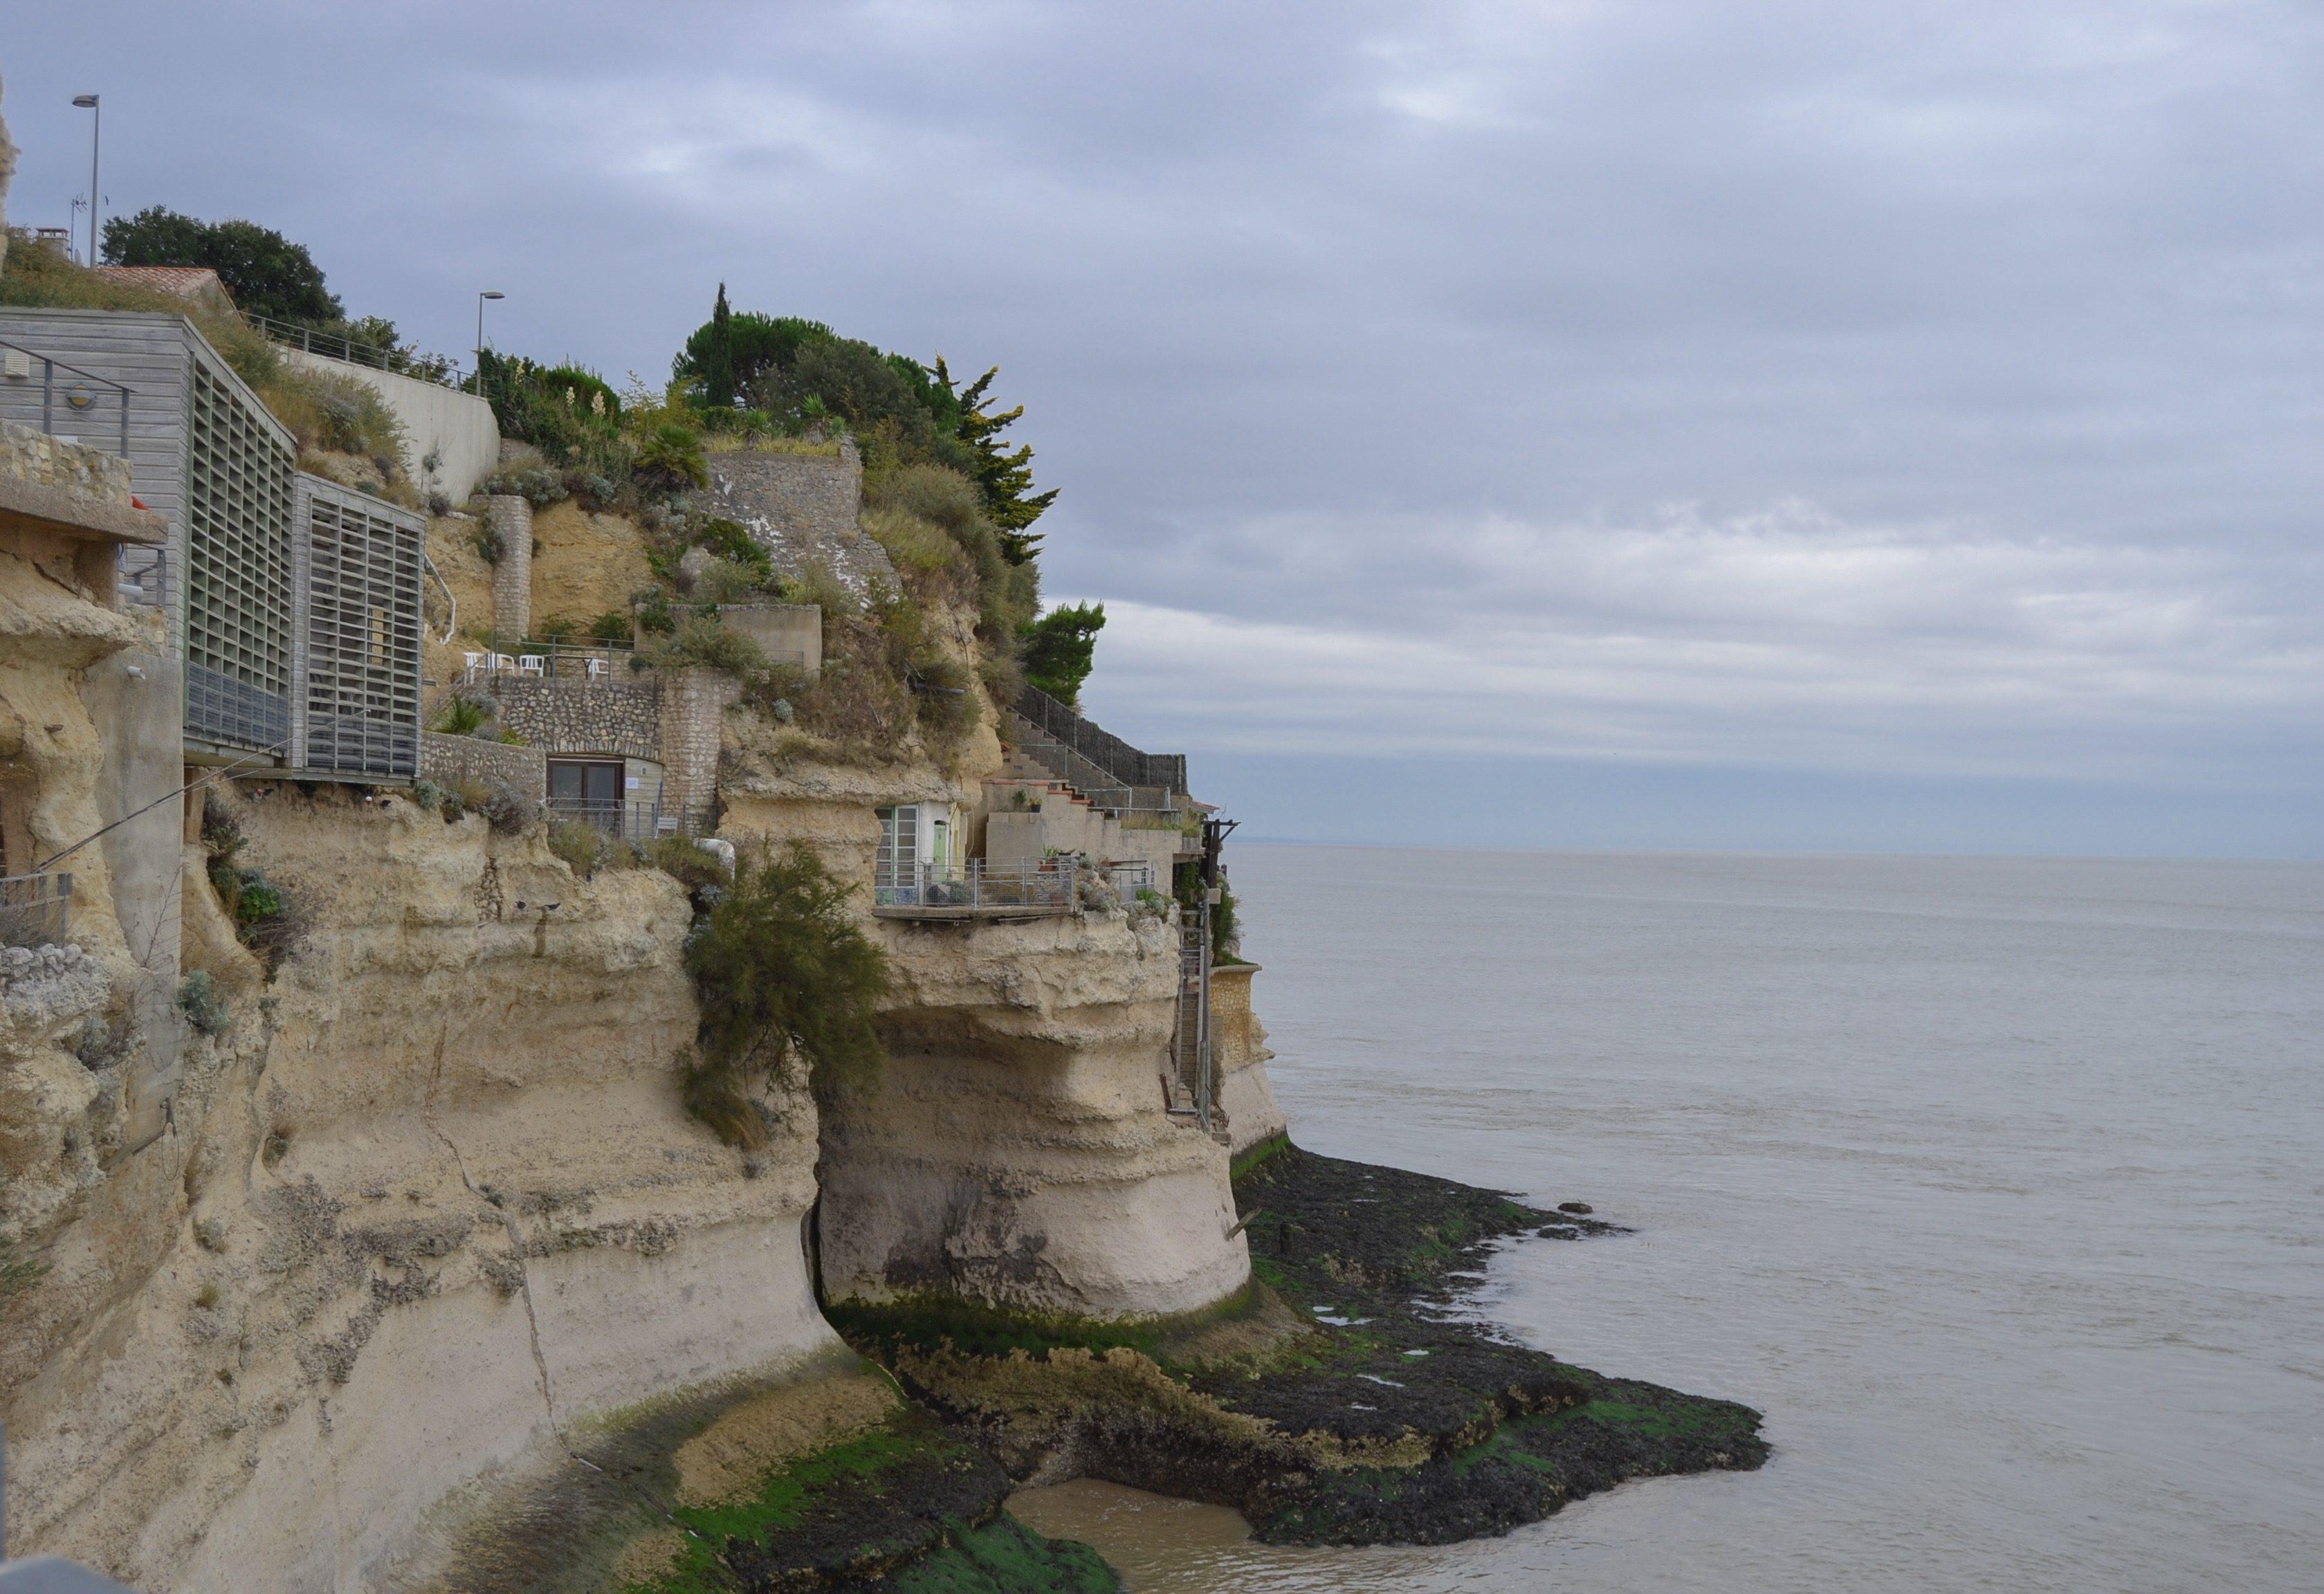 grottes-du-regulus-meschers-sur-gironde-grotte-troglodyte-estuaire-gironde-royan-visite-grottes-les-ptits-touristes-blog-voyage